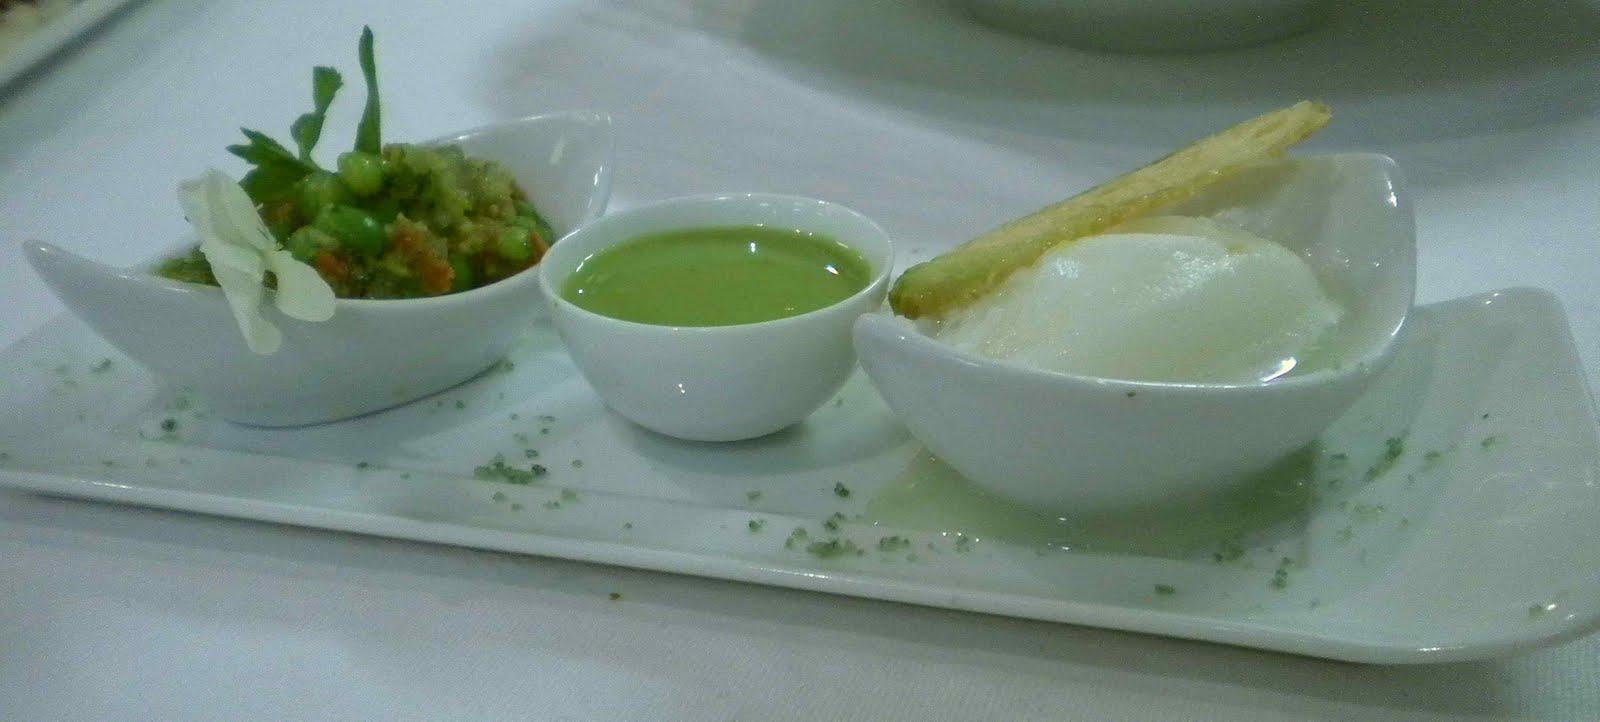 Sjoerd at Le Cordon Bleu Paris - superior cuisine 2010